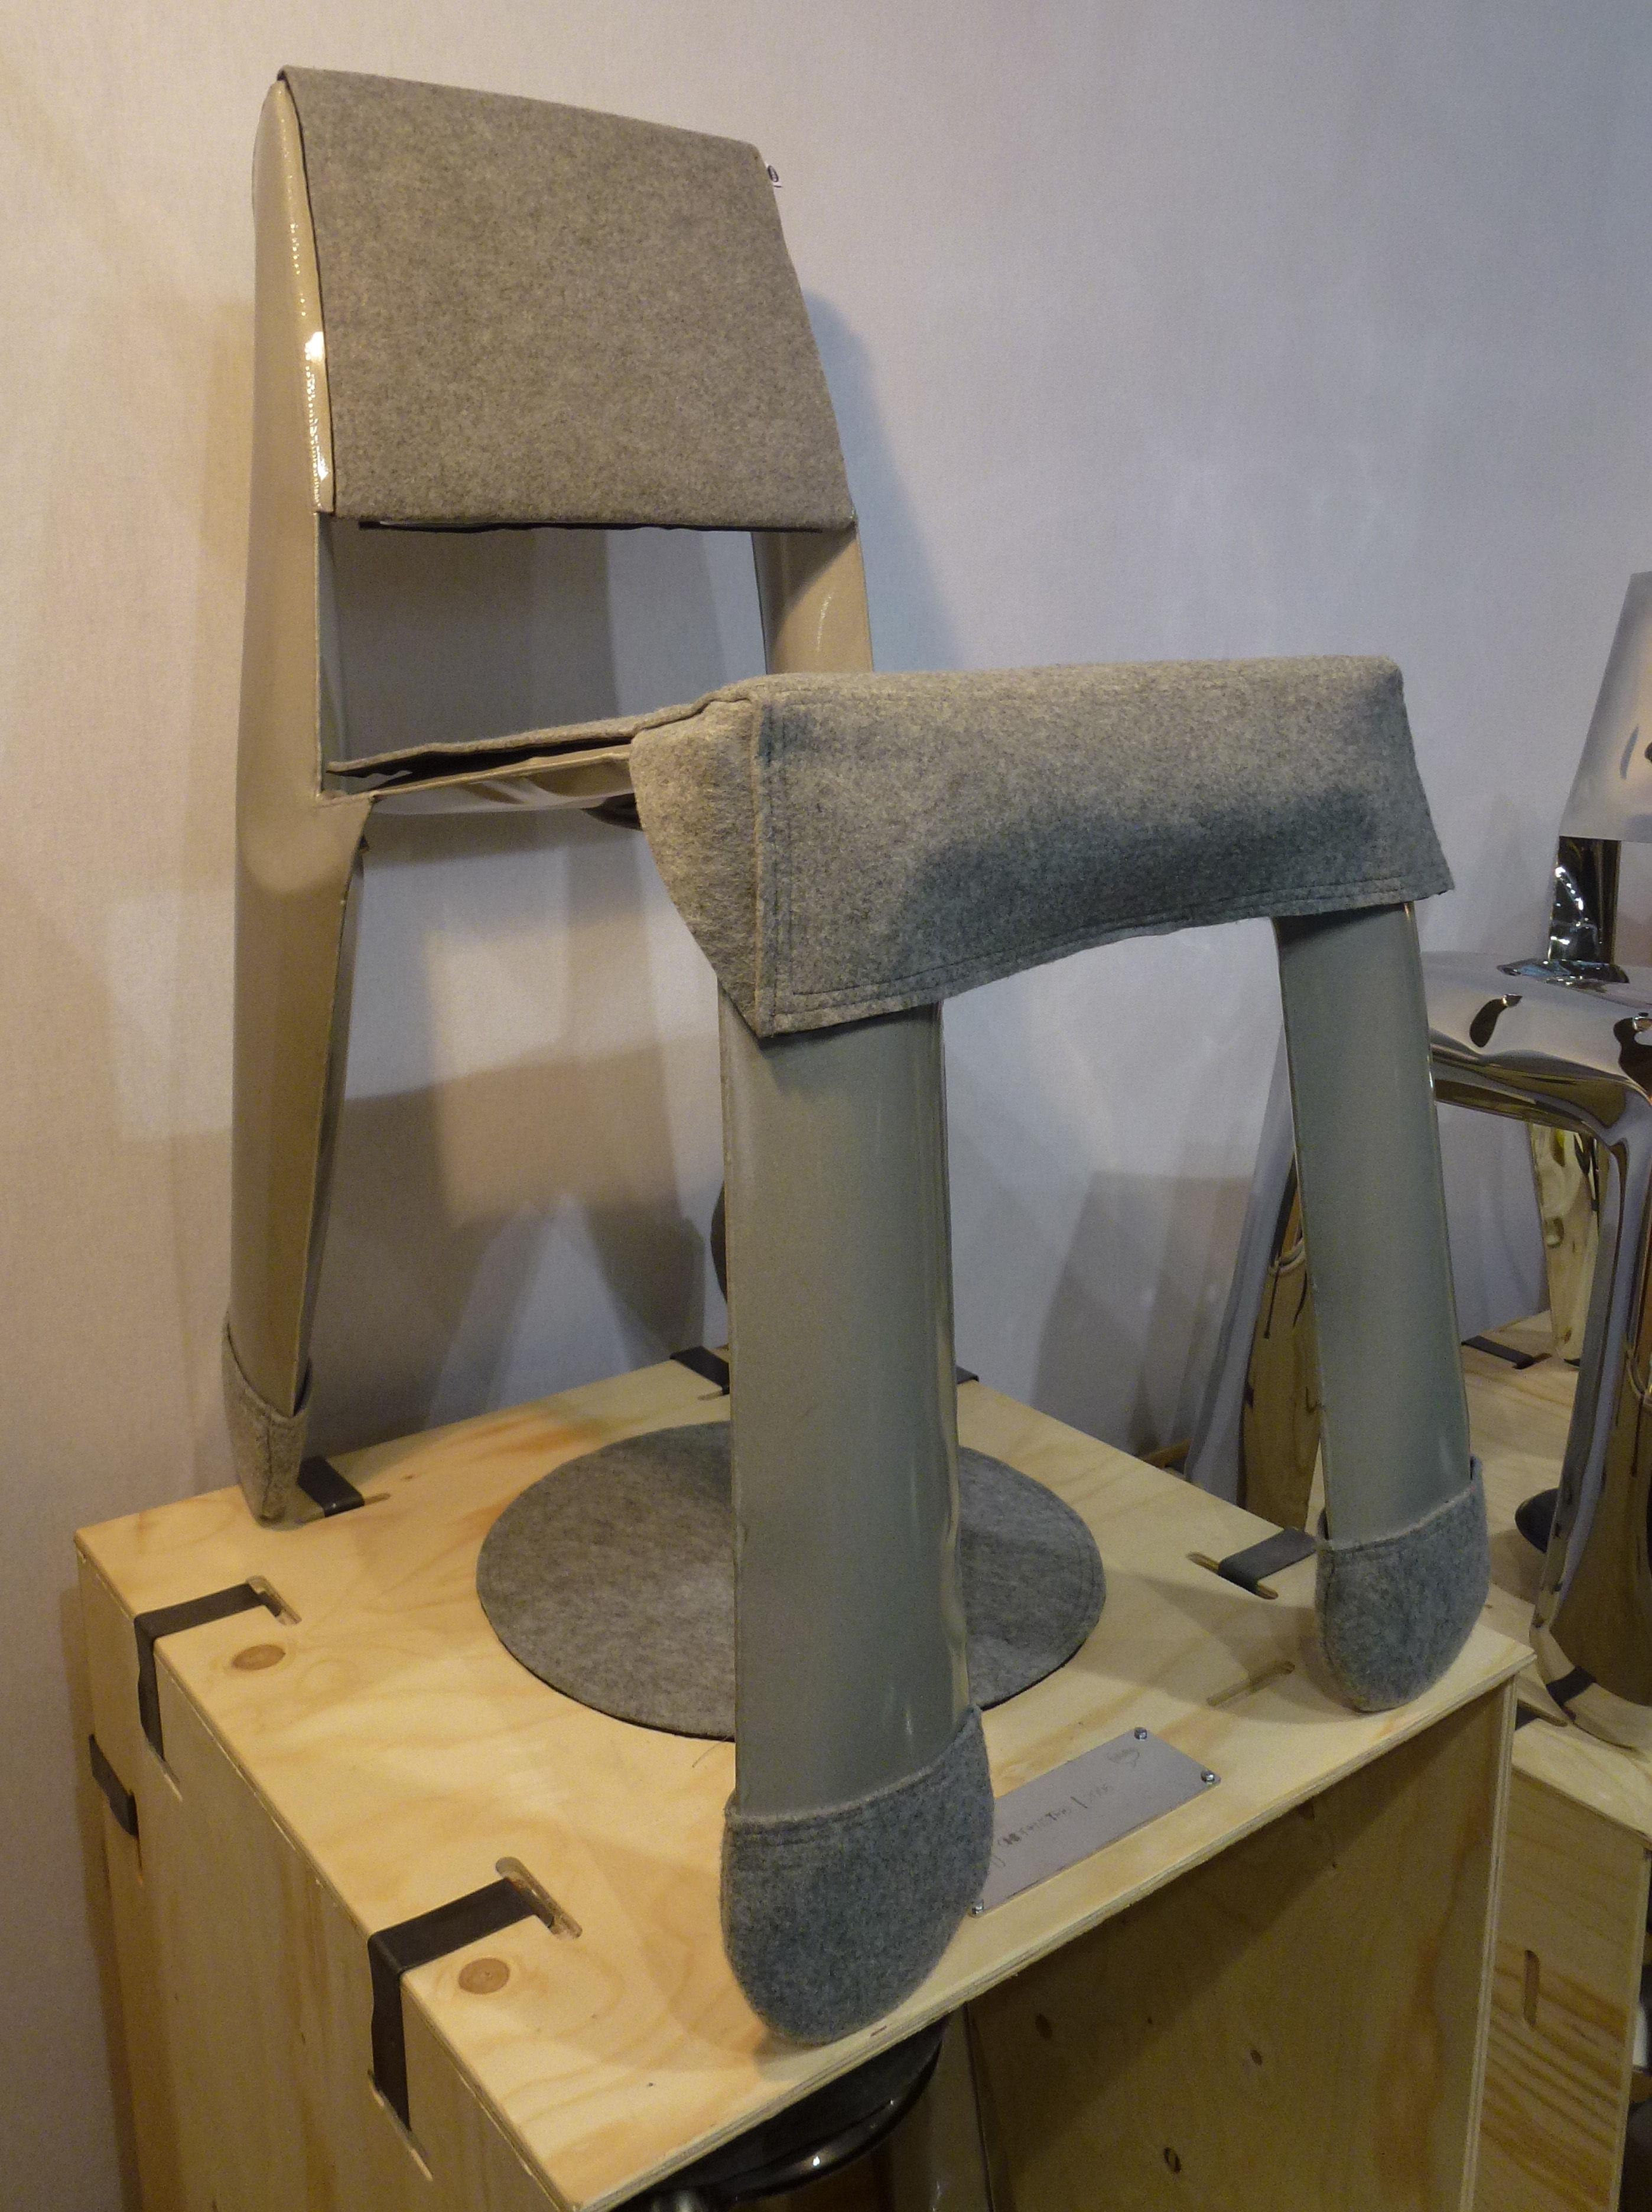 patin botki lot 4 chaussettes de protection pour chaise chippensteel gris zieta. Black Bedroom Furniture Sets. Home Design Ideas